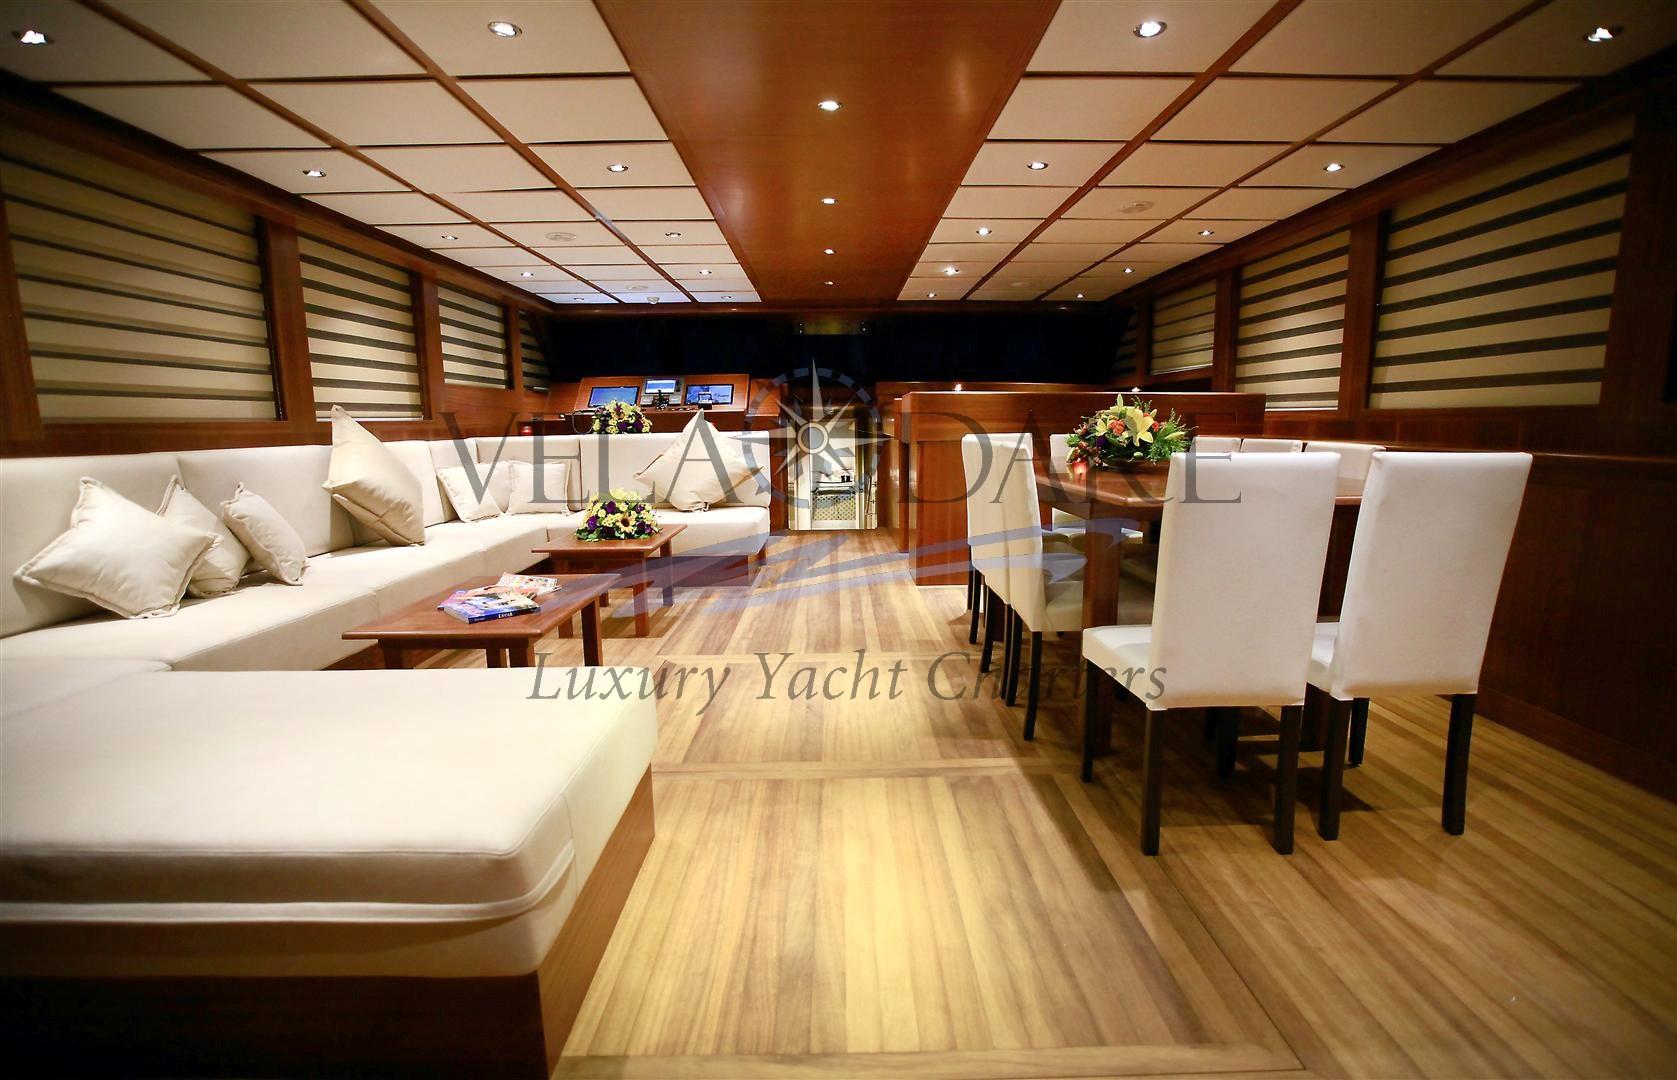 Mezcal 2, 38m / 6 cabins